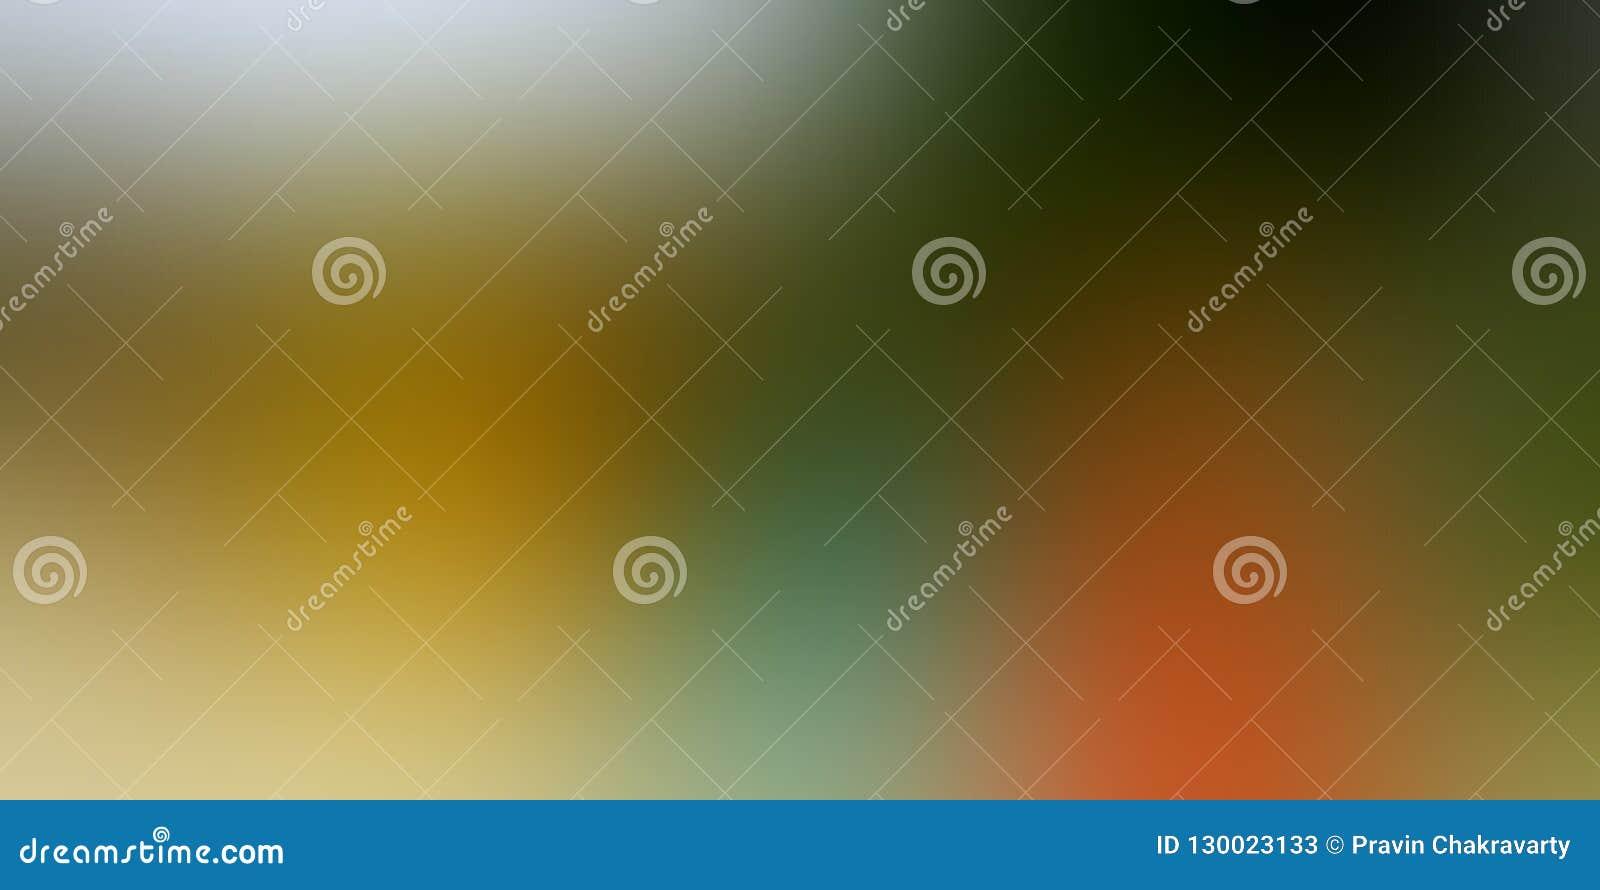 Ζωηρόχρωμο διανυσματικό σχέδιο υποβάθρου θαμπάδων αφηρημένο, ζωηρόχρωμο θολωμένο σκιασμένο υπόβαθρο, ζωηρή διανυσματική απεικόνισ